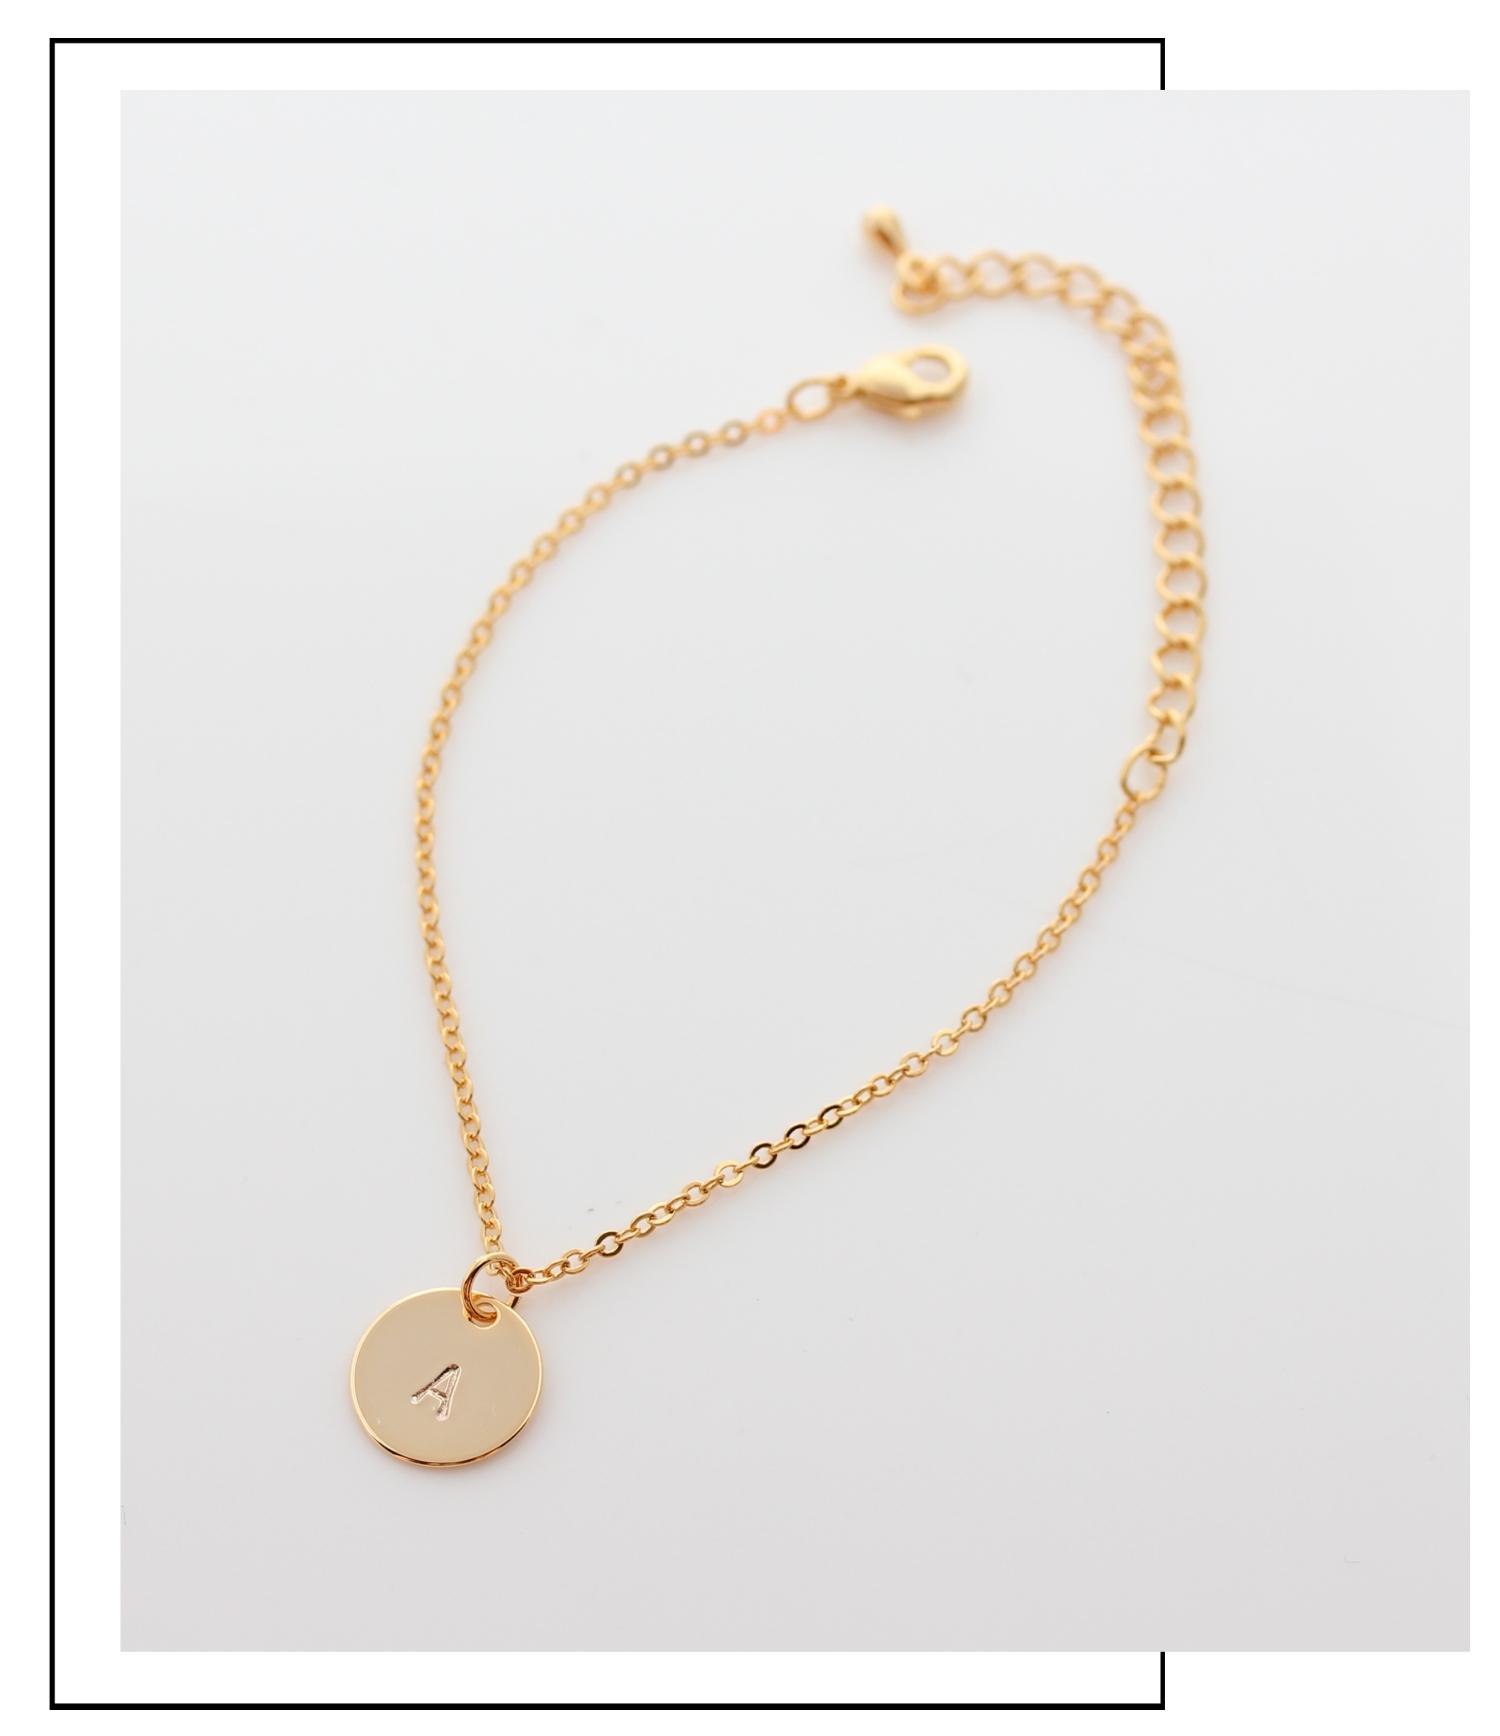 Armband mit Plättchen Madeleine Issing